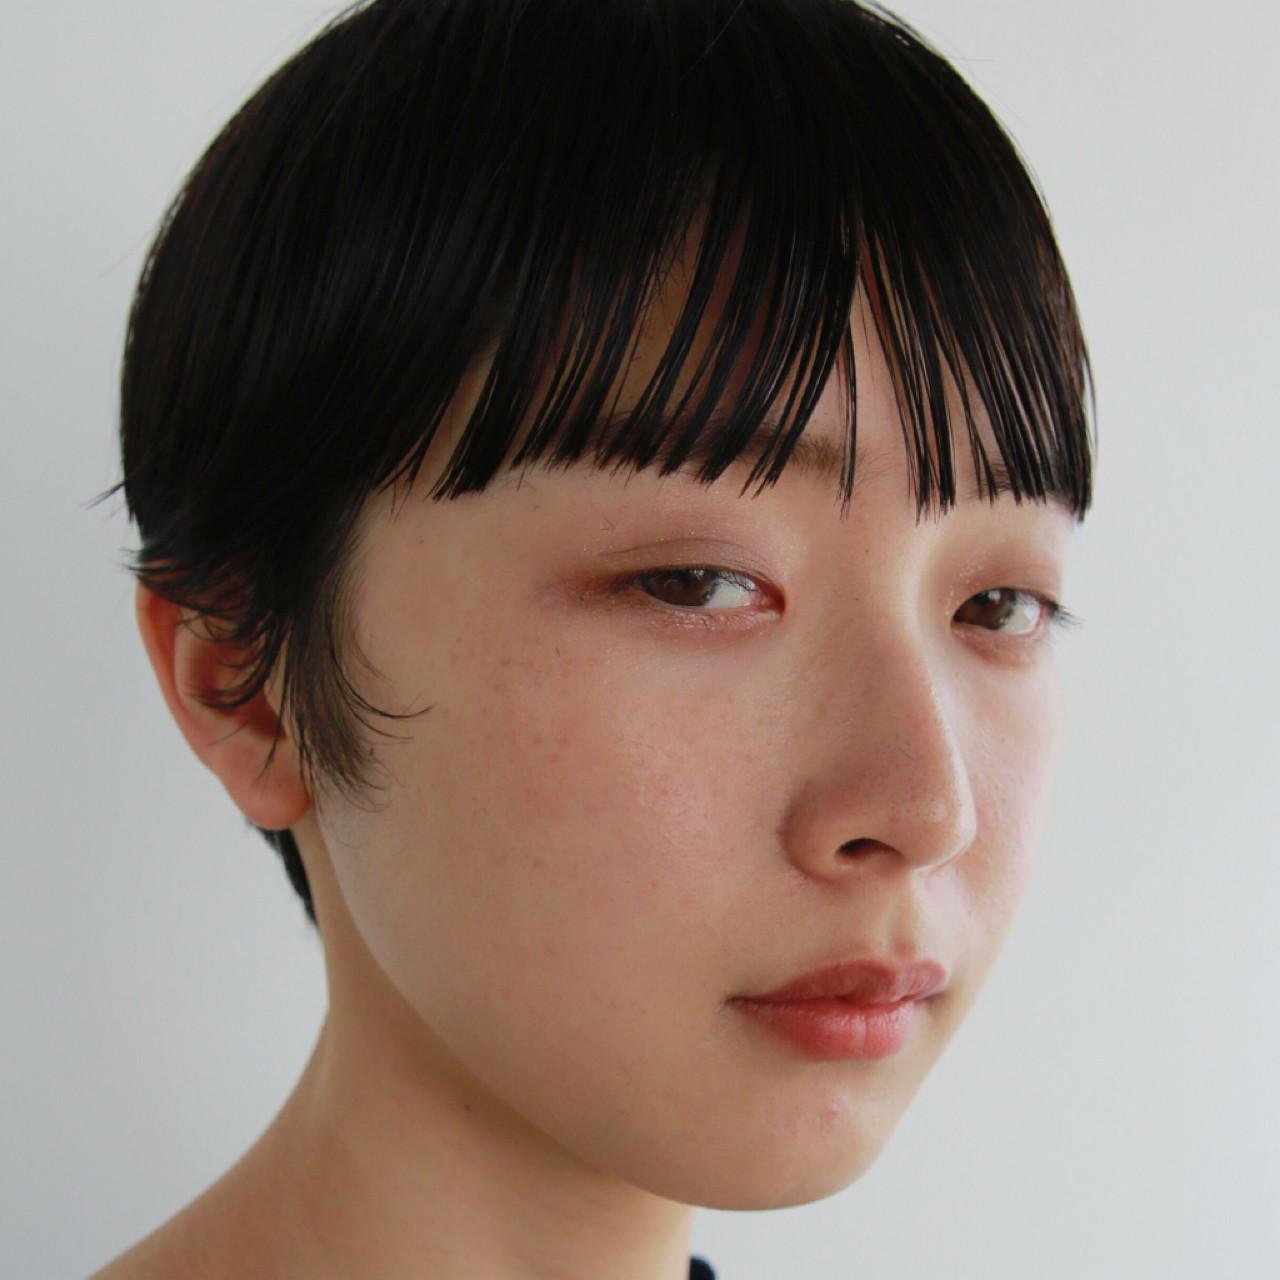 ストレート 抜け感 マッシュ ショート ヘアスタイルや髪型の写真・画像 | 高橋 忍 / nanuk渋谷店(ナヌーク)